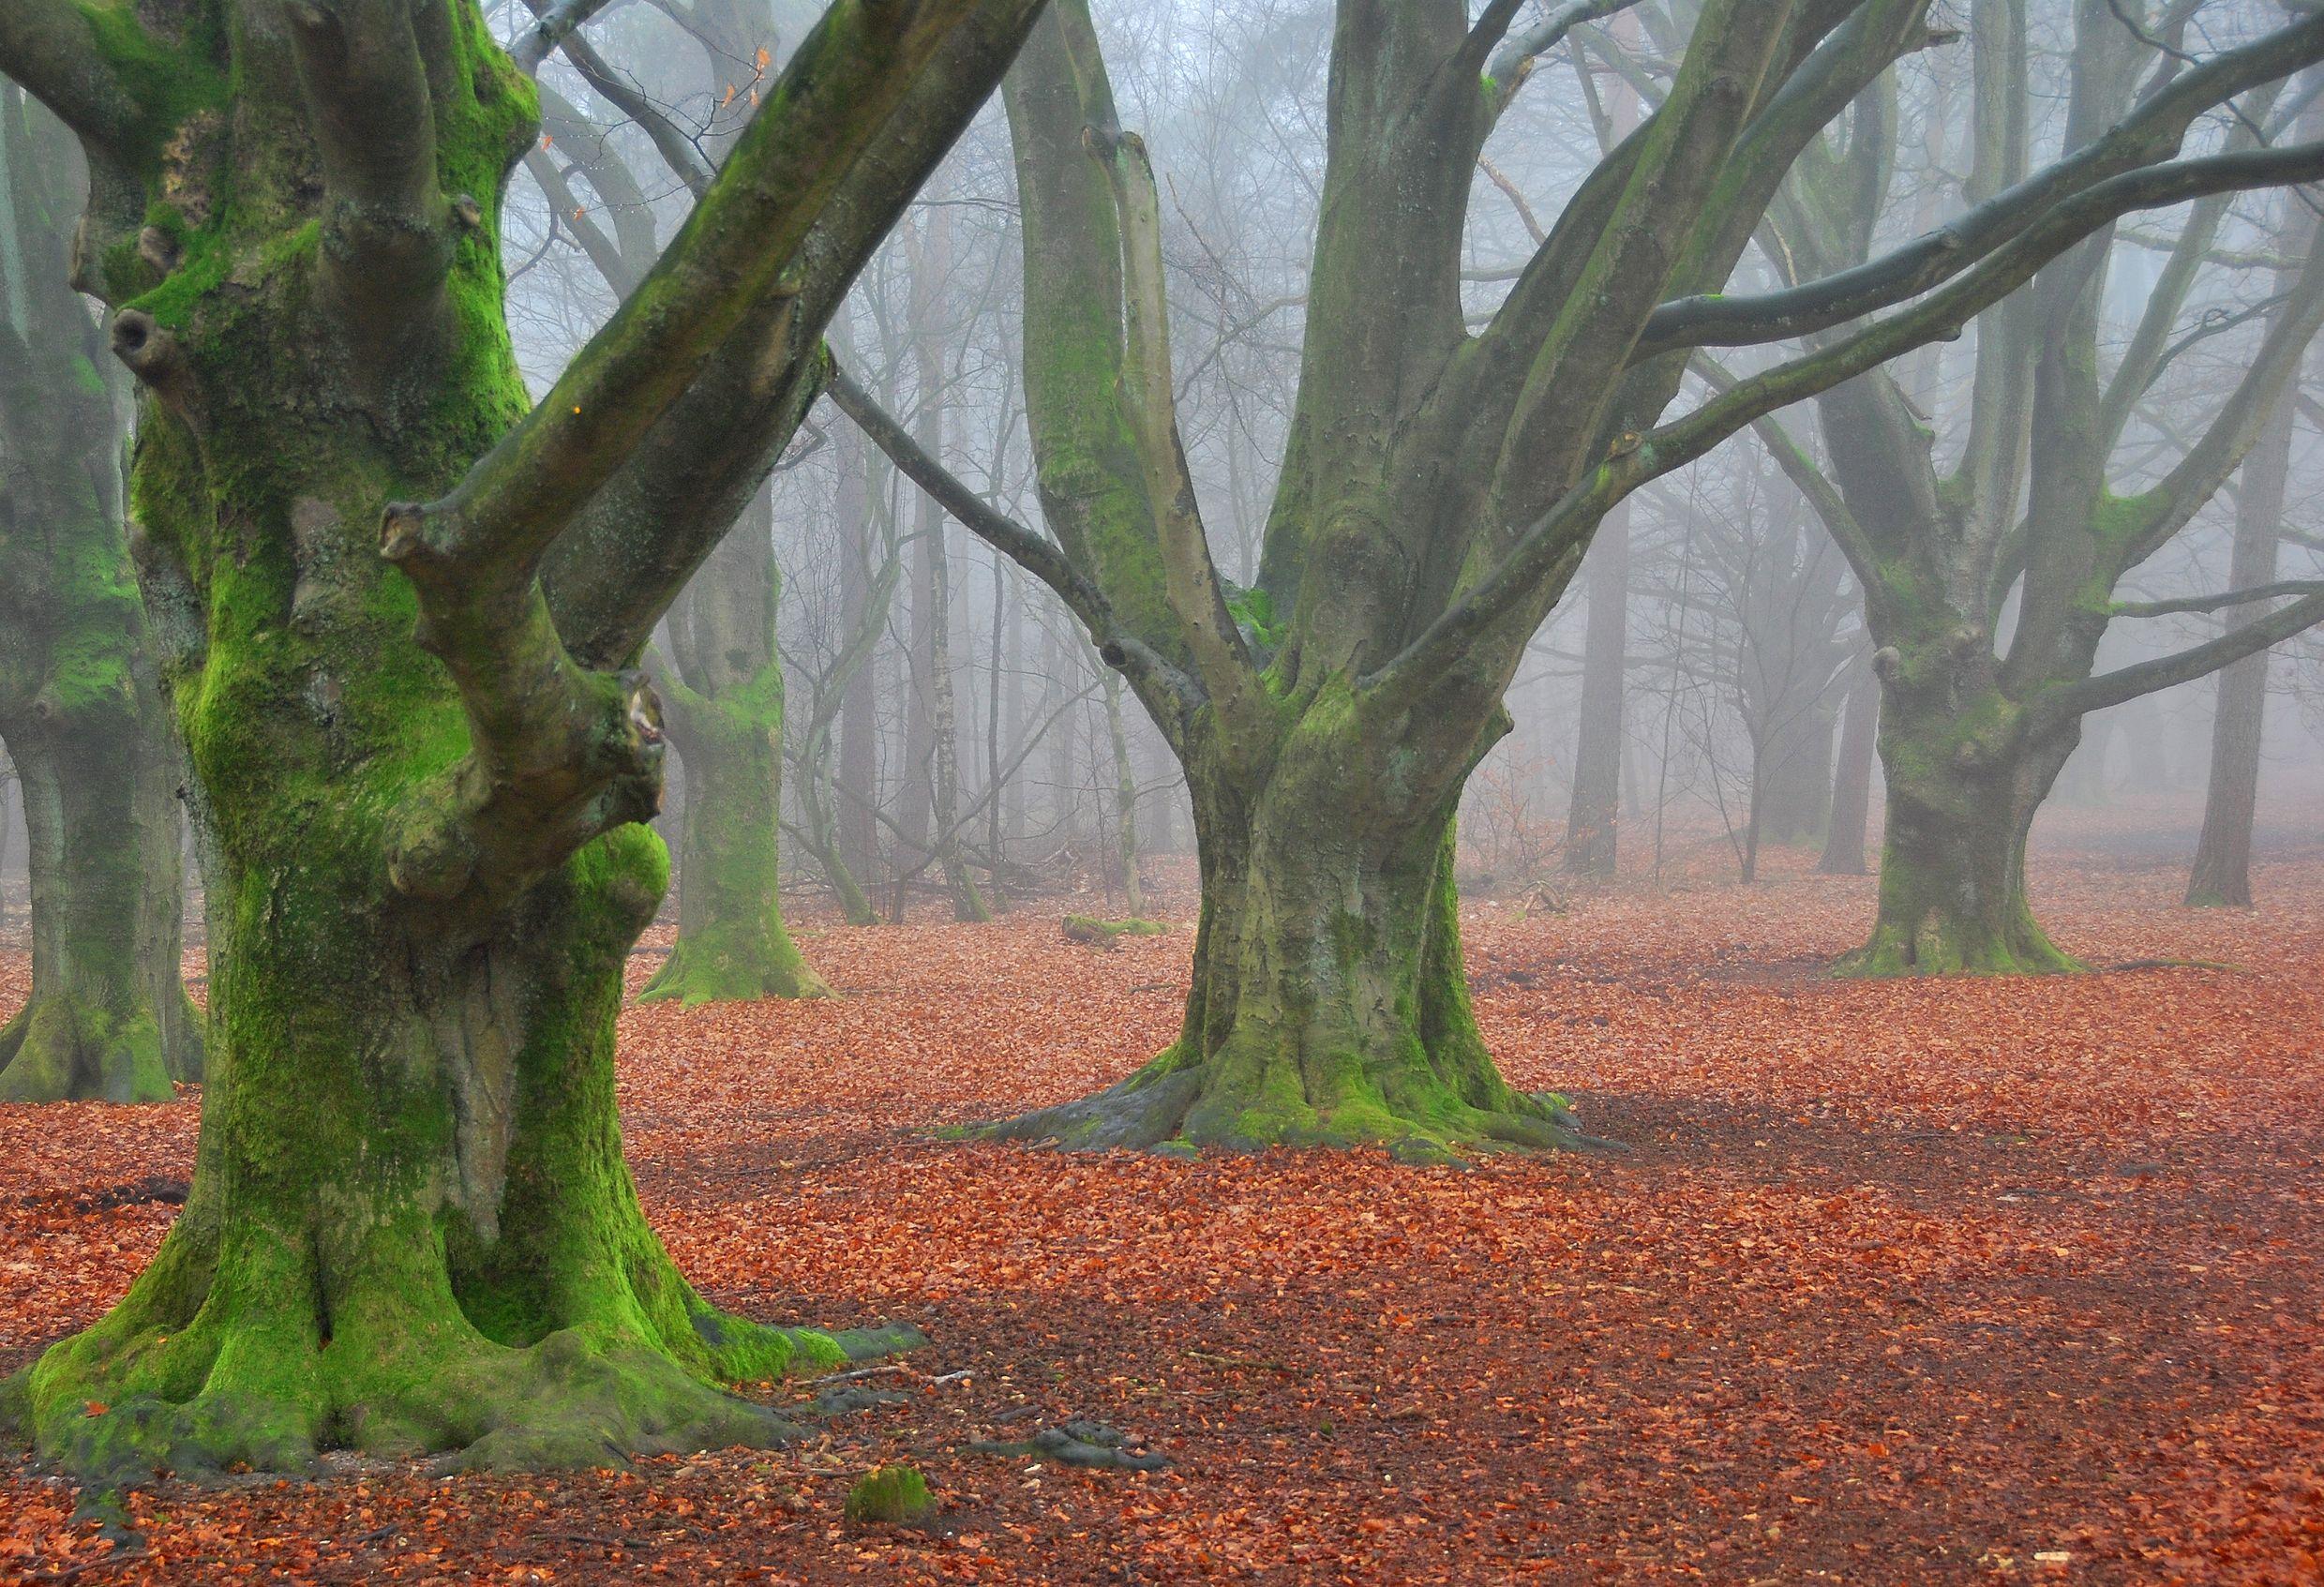 Scaricare Gli Sfondi Foresta Alberi Nebbia Sfondi Gratis Per La Risoluzione Del Desktop 2479x1693 Immagine 561120 Paesaggi Sfondi Nebbia